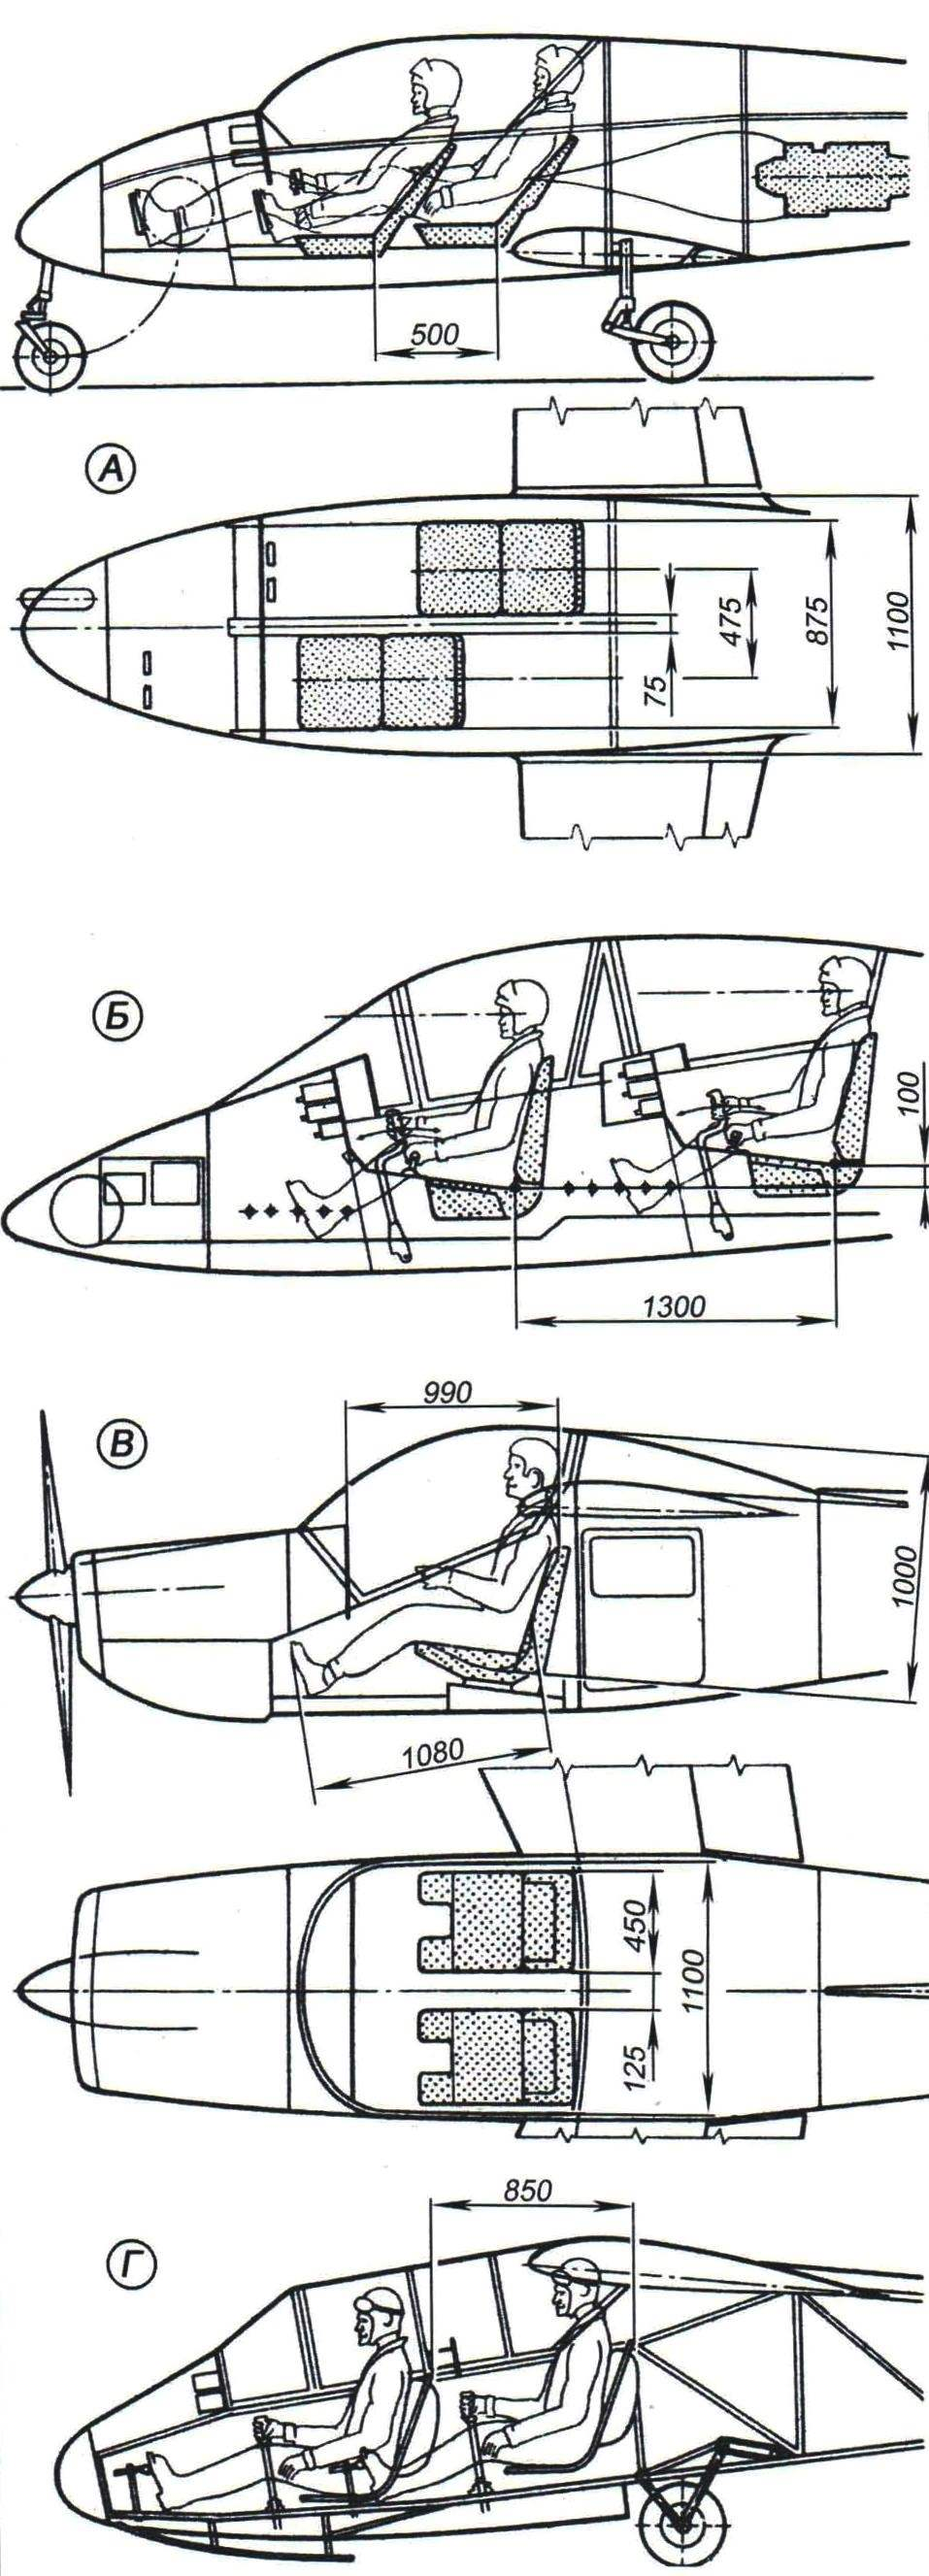 Различные варианты компоновок кабин двухместных лёгких учебных самолётов и планёров